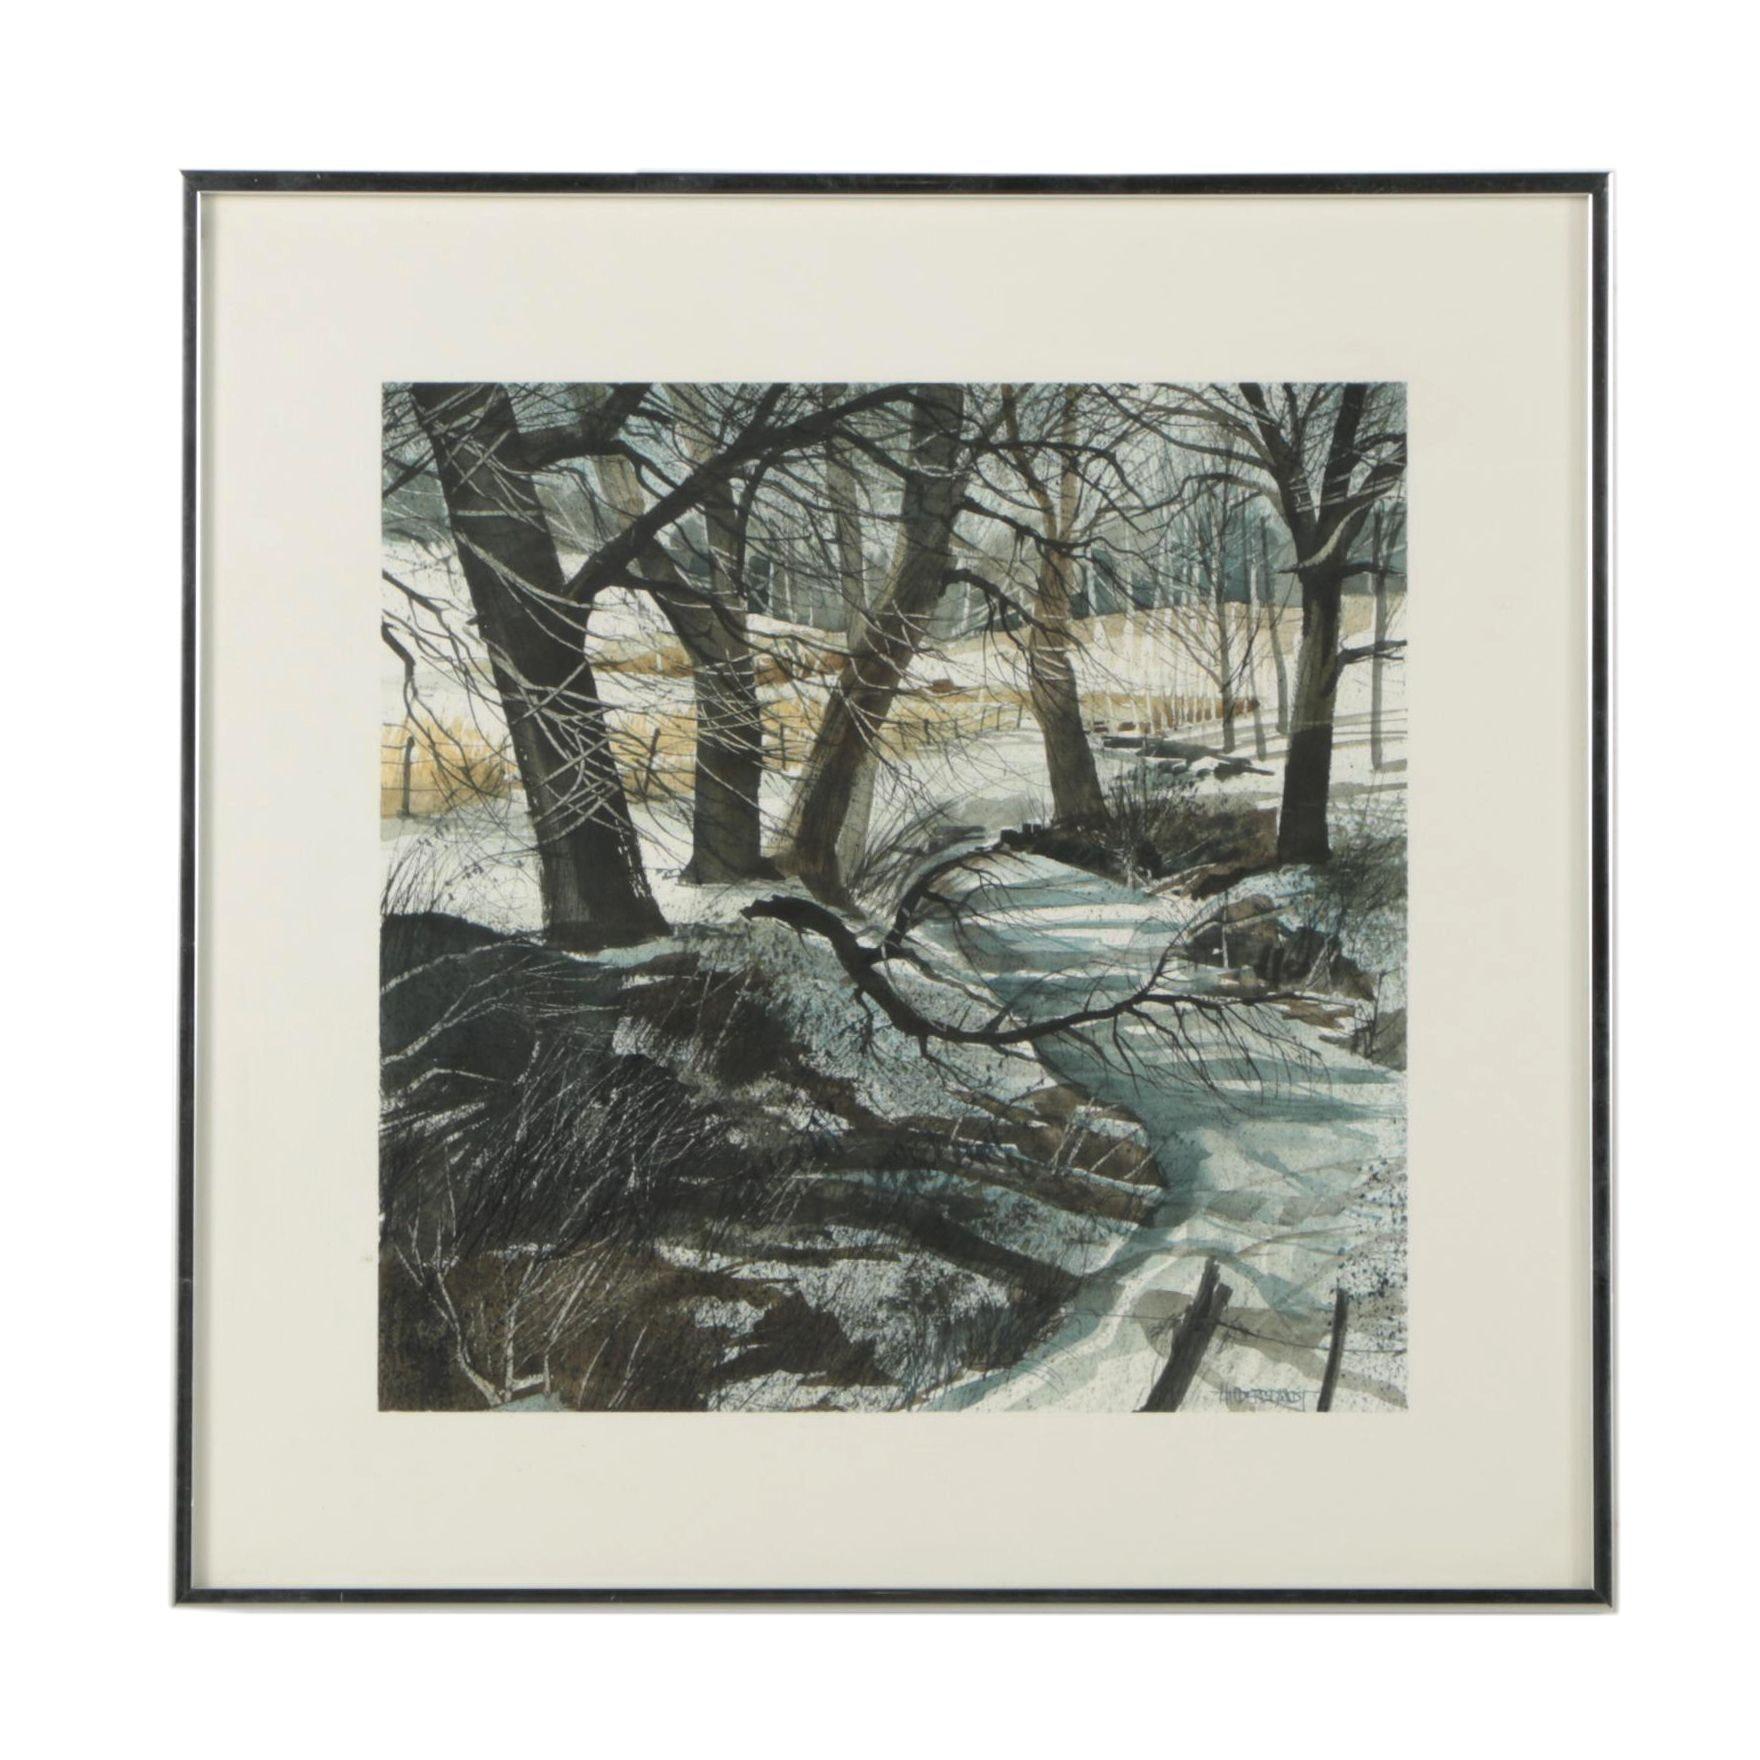 """1970 Hilderbrandt Watercolor Painting """"Icy Stream"""""""